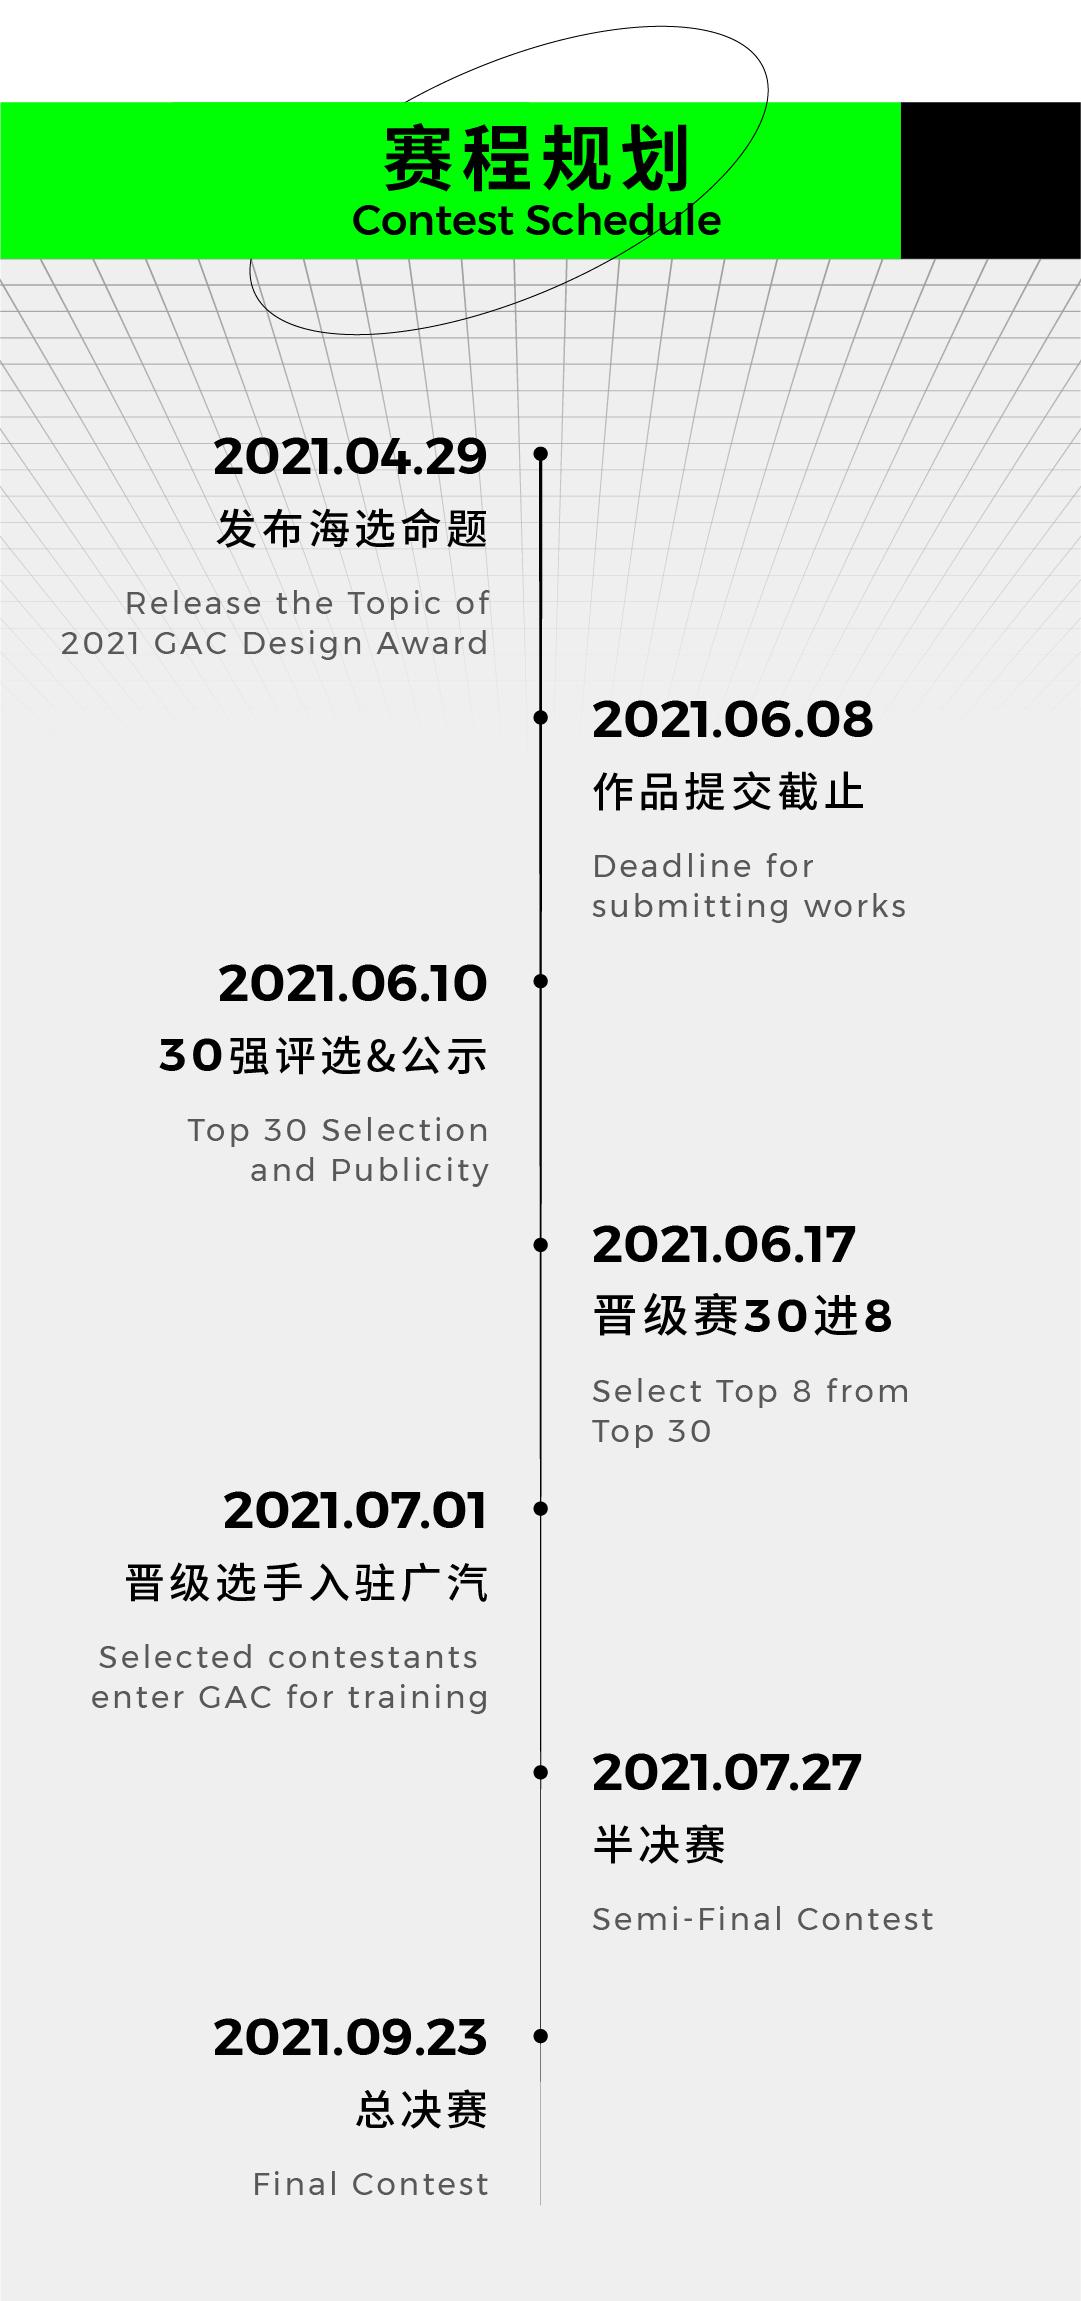 2021广汽设计大赛启动!快上车,创造你的超燃小宇宙